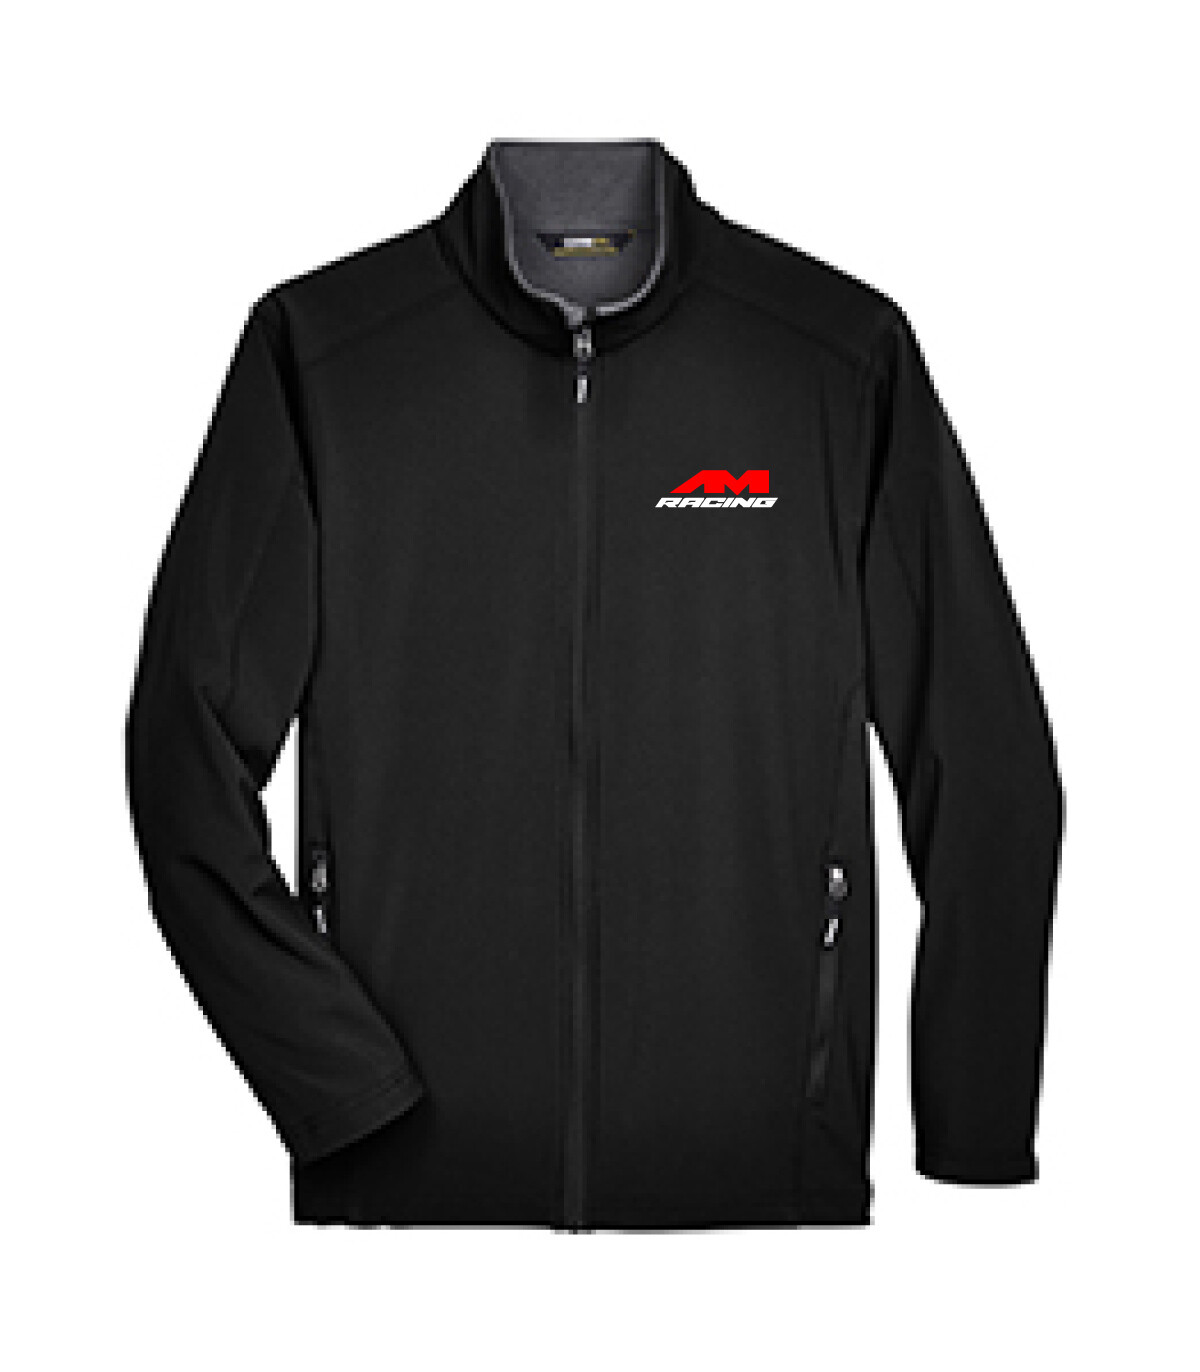 AM Racing Jacket Men's